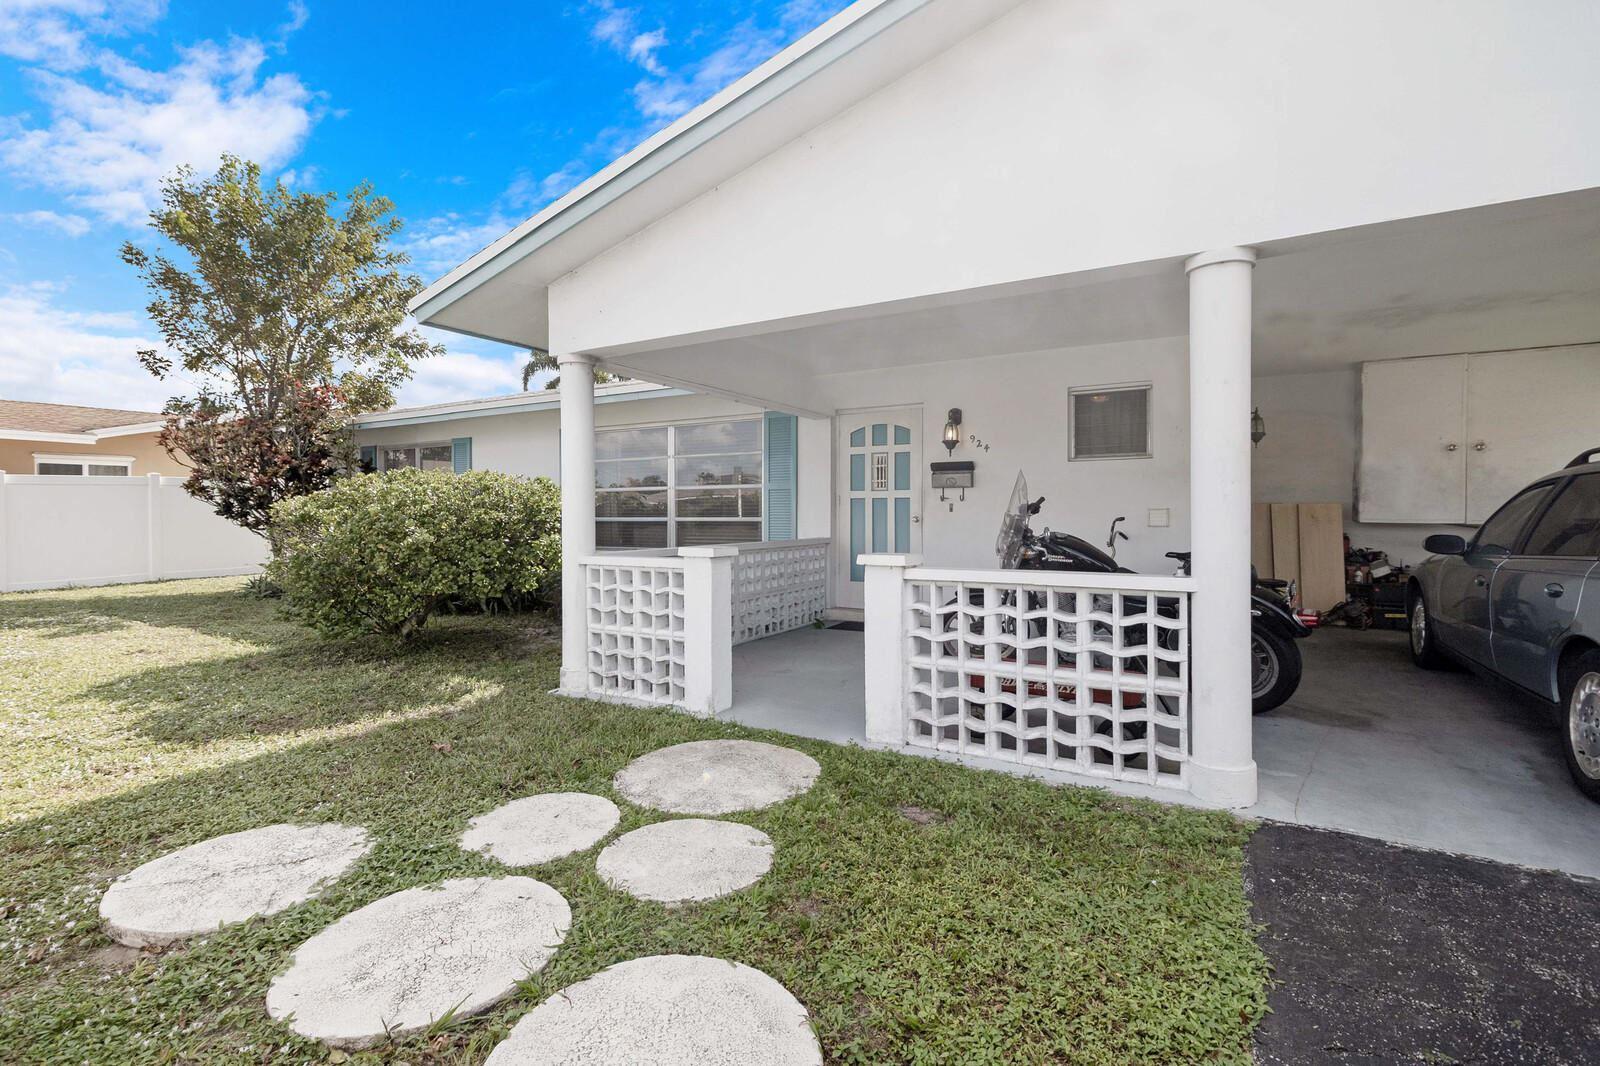 924 SE 10th Court, Pompano Beach, FL 33060 - #: RX-10674364